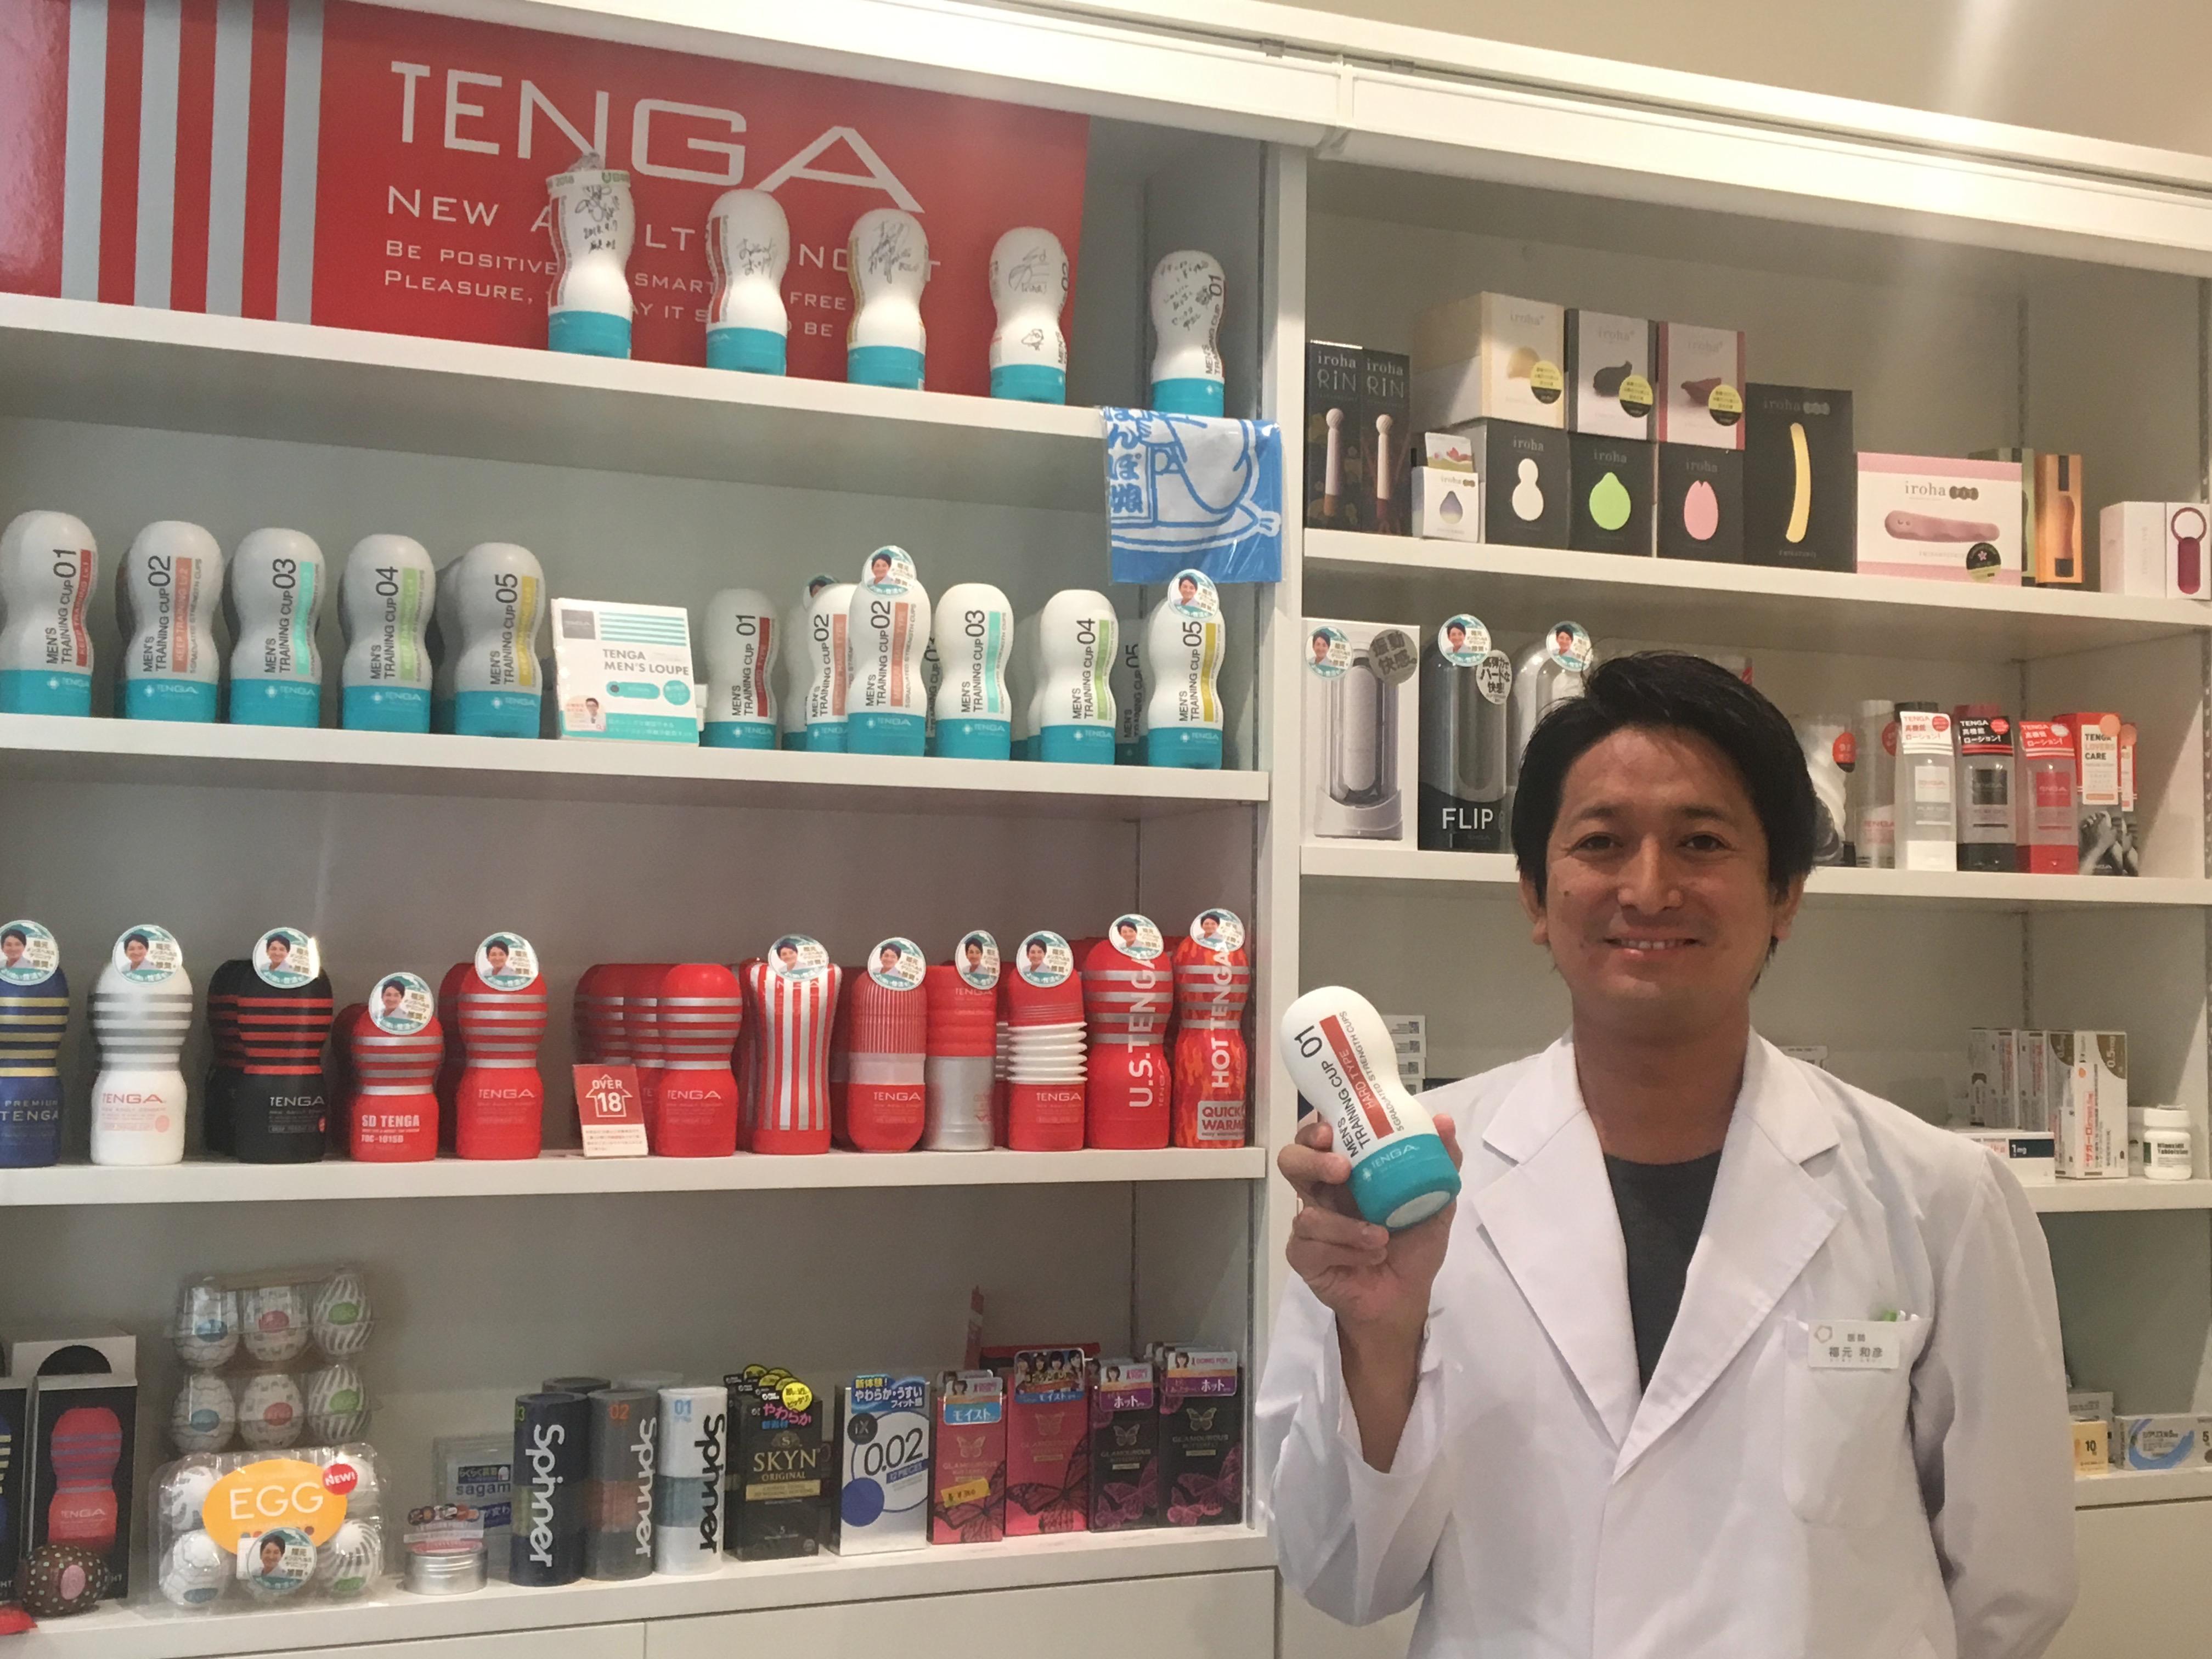 【どう見ても】実録!日本初の「TENGAドクター」福元メンズヘルスクリニックで精液検査してきた【精子です】(PR)